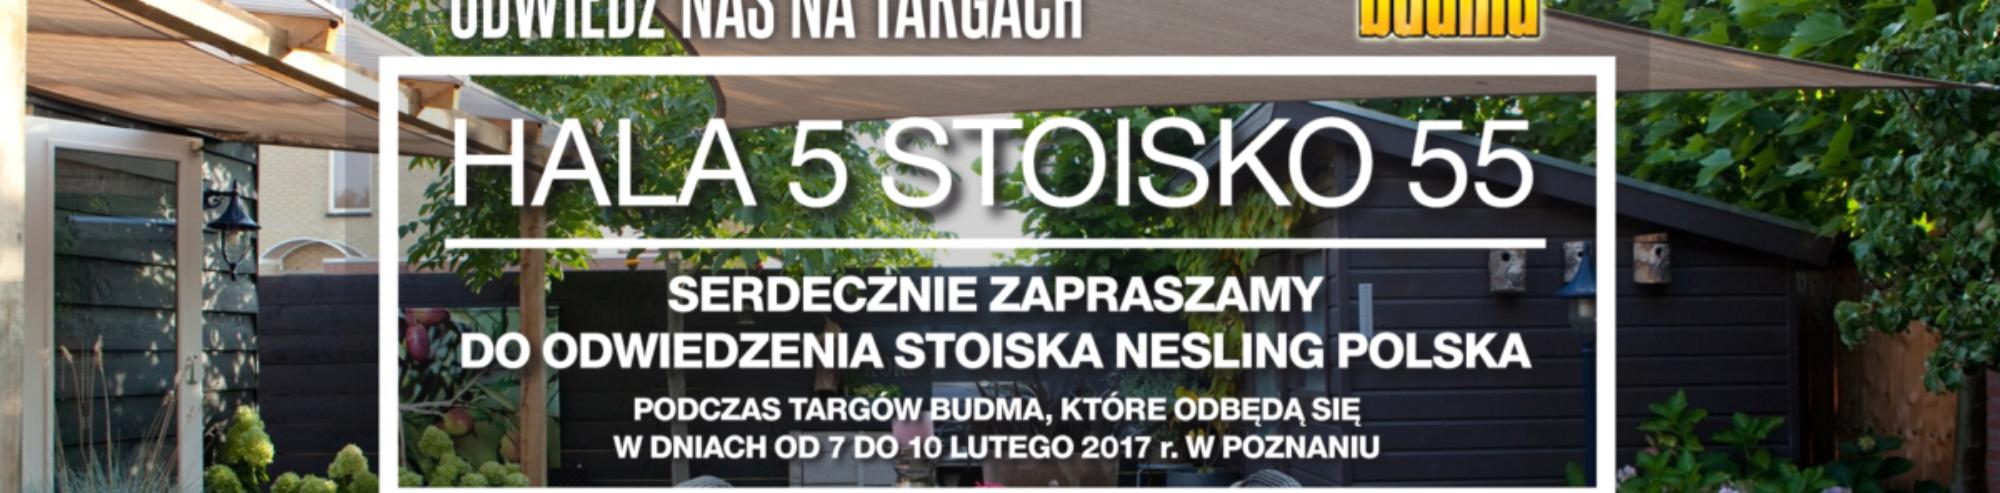 budma_zaproszenie_www_NESLING